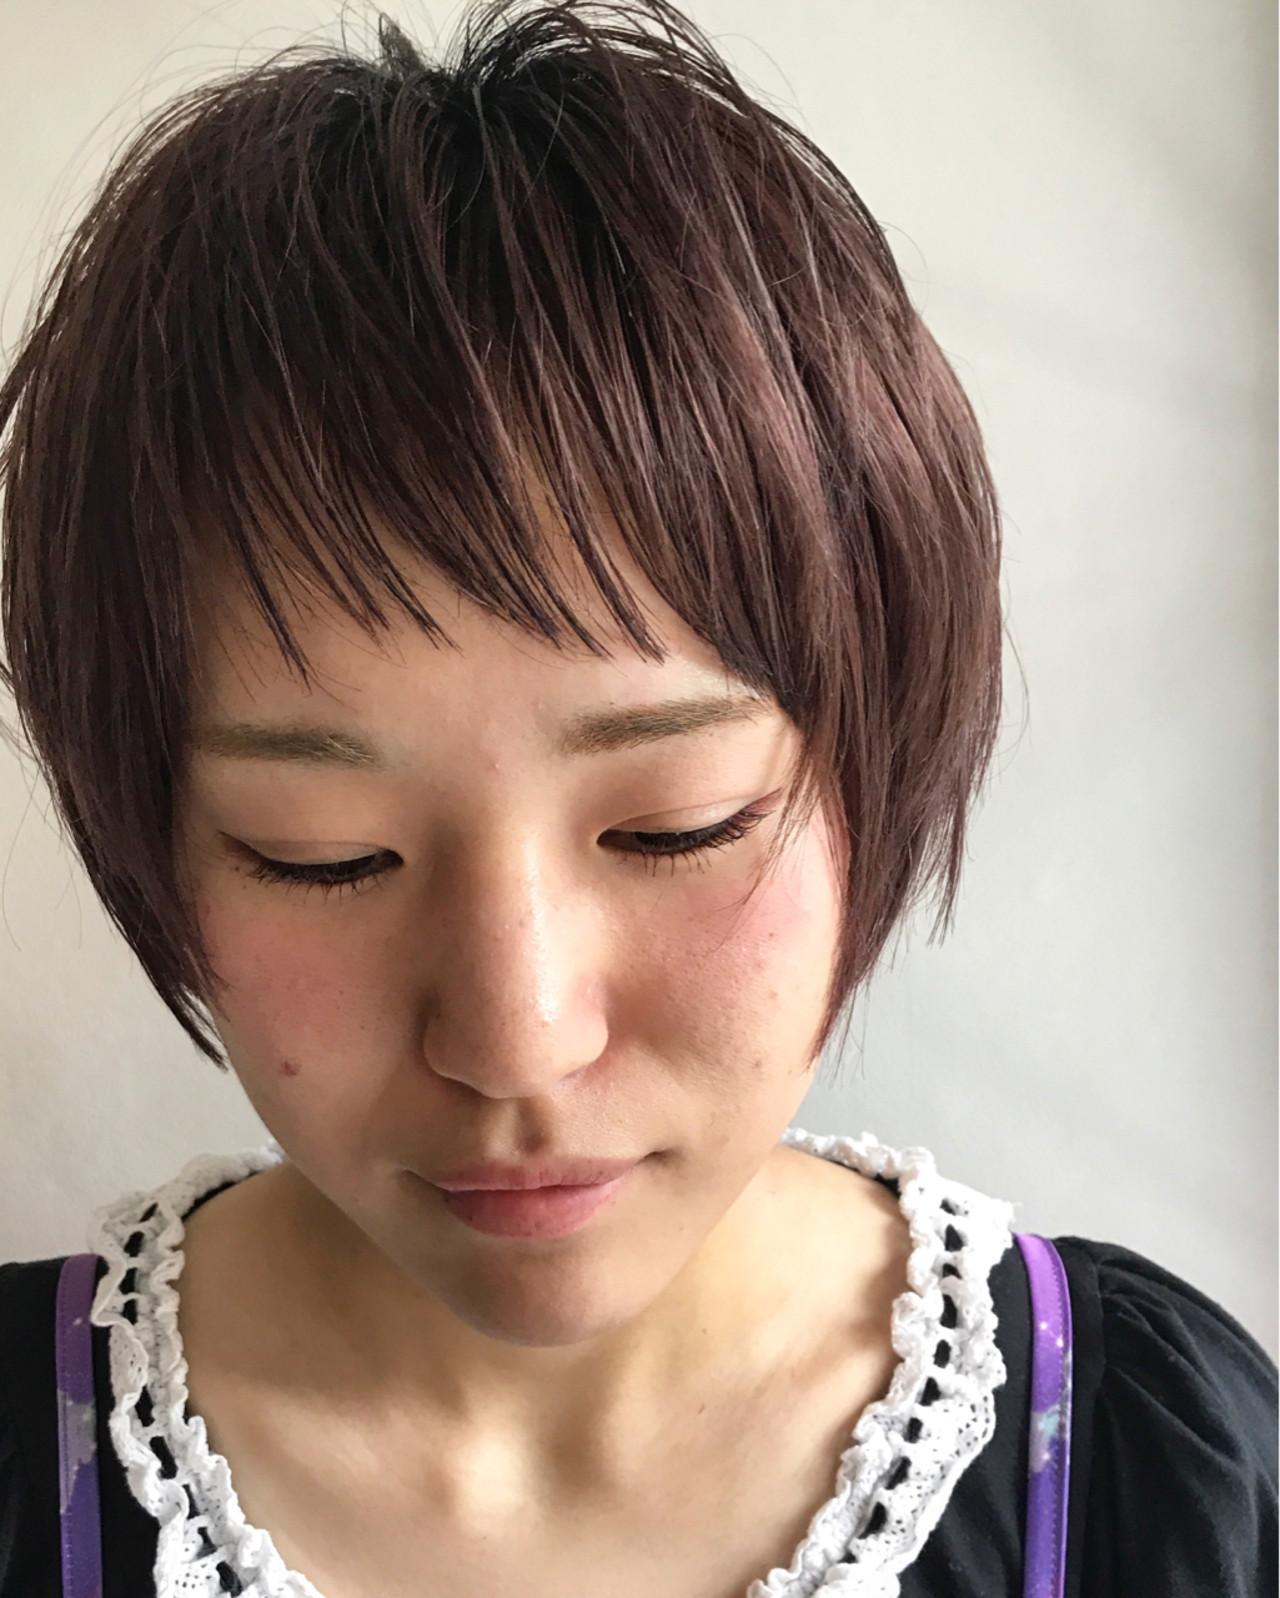 前髪あり ブリーチ シースルーバング ショート ヘアスタイルや髪型の写真・画像